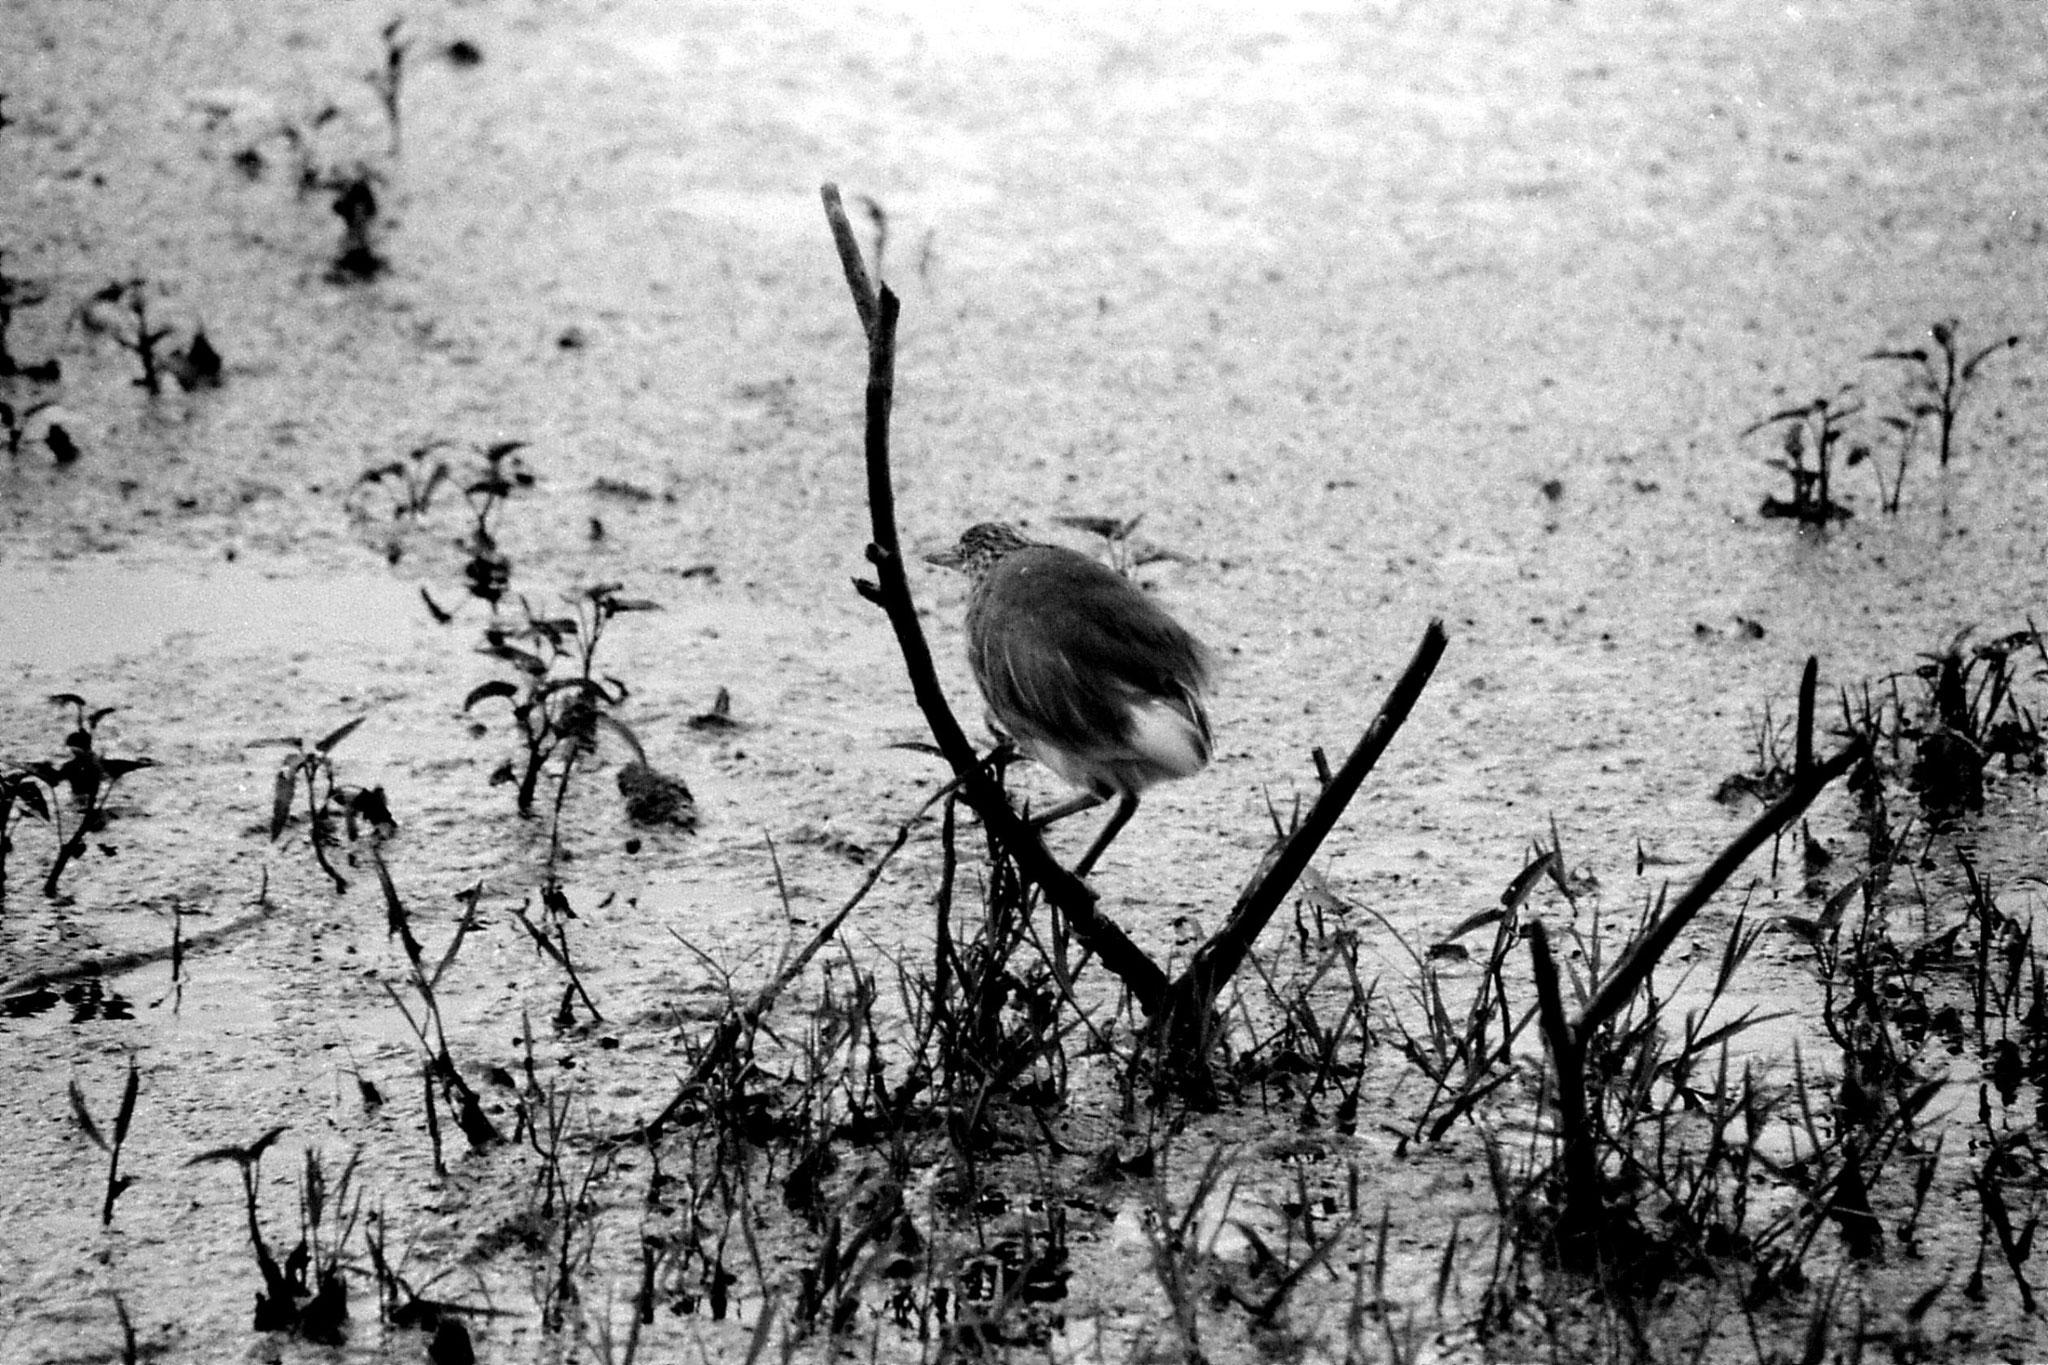 1/4/1990: 23: Bharatpur Pond heron